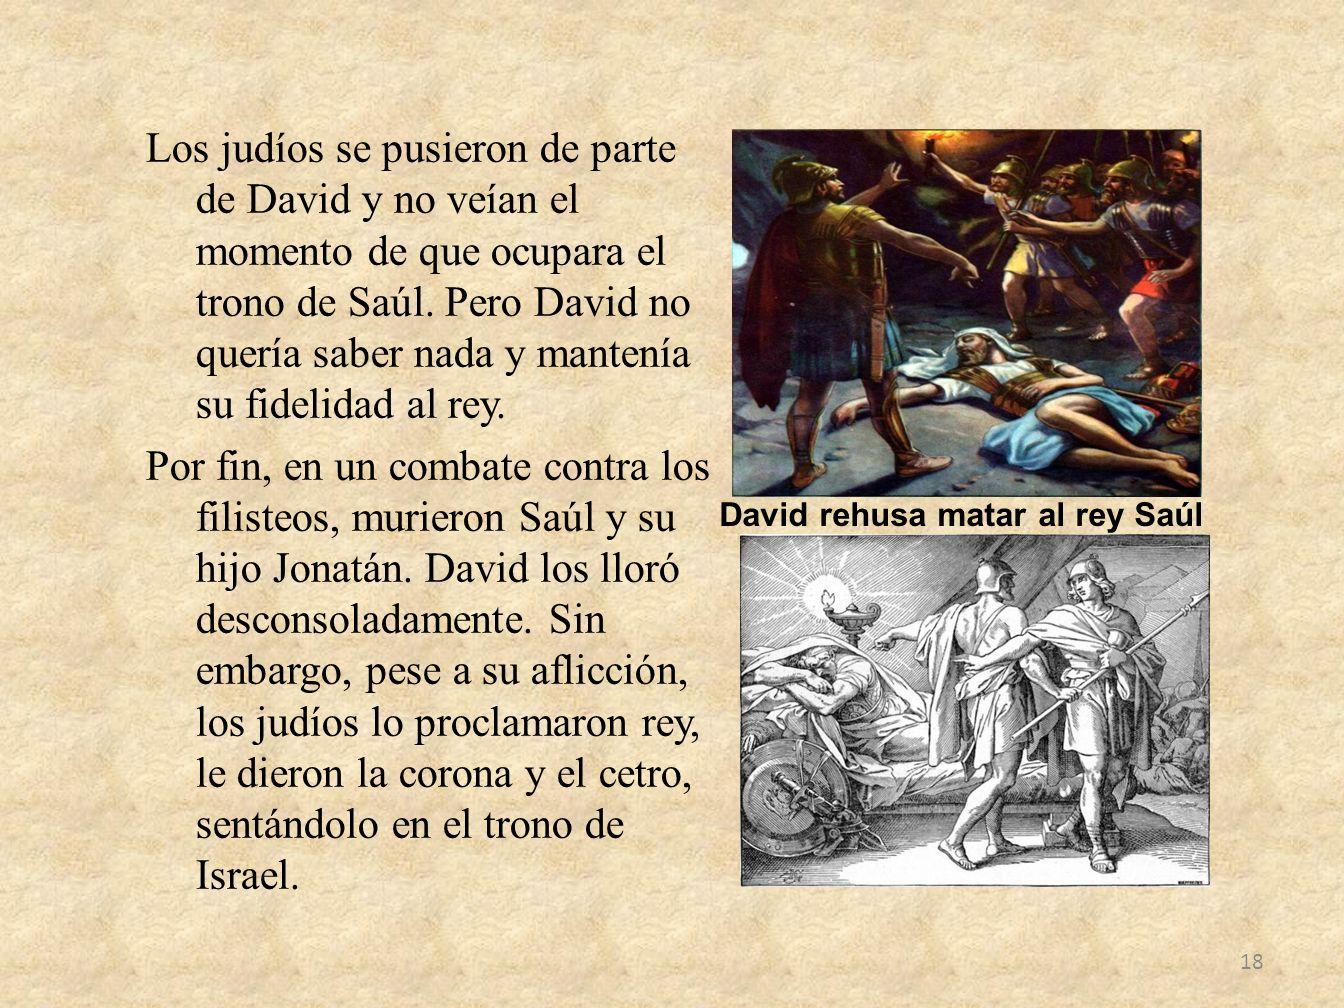 Los judíos se pusieron de parte de David y no veían el momento de que ocupara el trono de Saúl. Pero David no quería saber nada y mantenía su fidelidad al rey. Por fin, en un combate contra los filisteos, murieron Saúl y su hijo Jonatán. David los lloró desconsoladamente. Sin embargo, pese a su aflicción, los judíos lo proclamaron rey, le dieron la corona y el cetro, sentándolo en el trono de Israel.